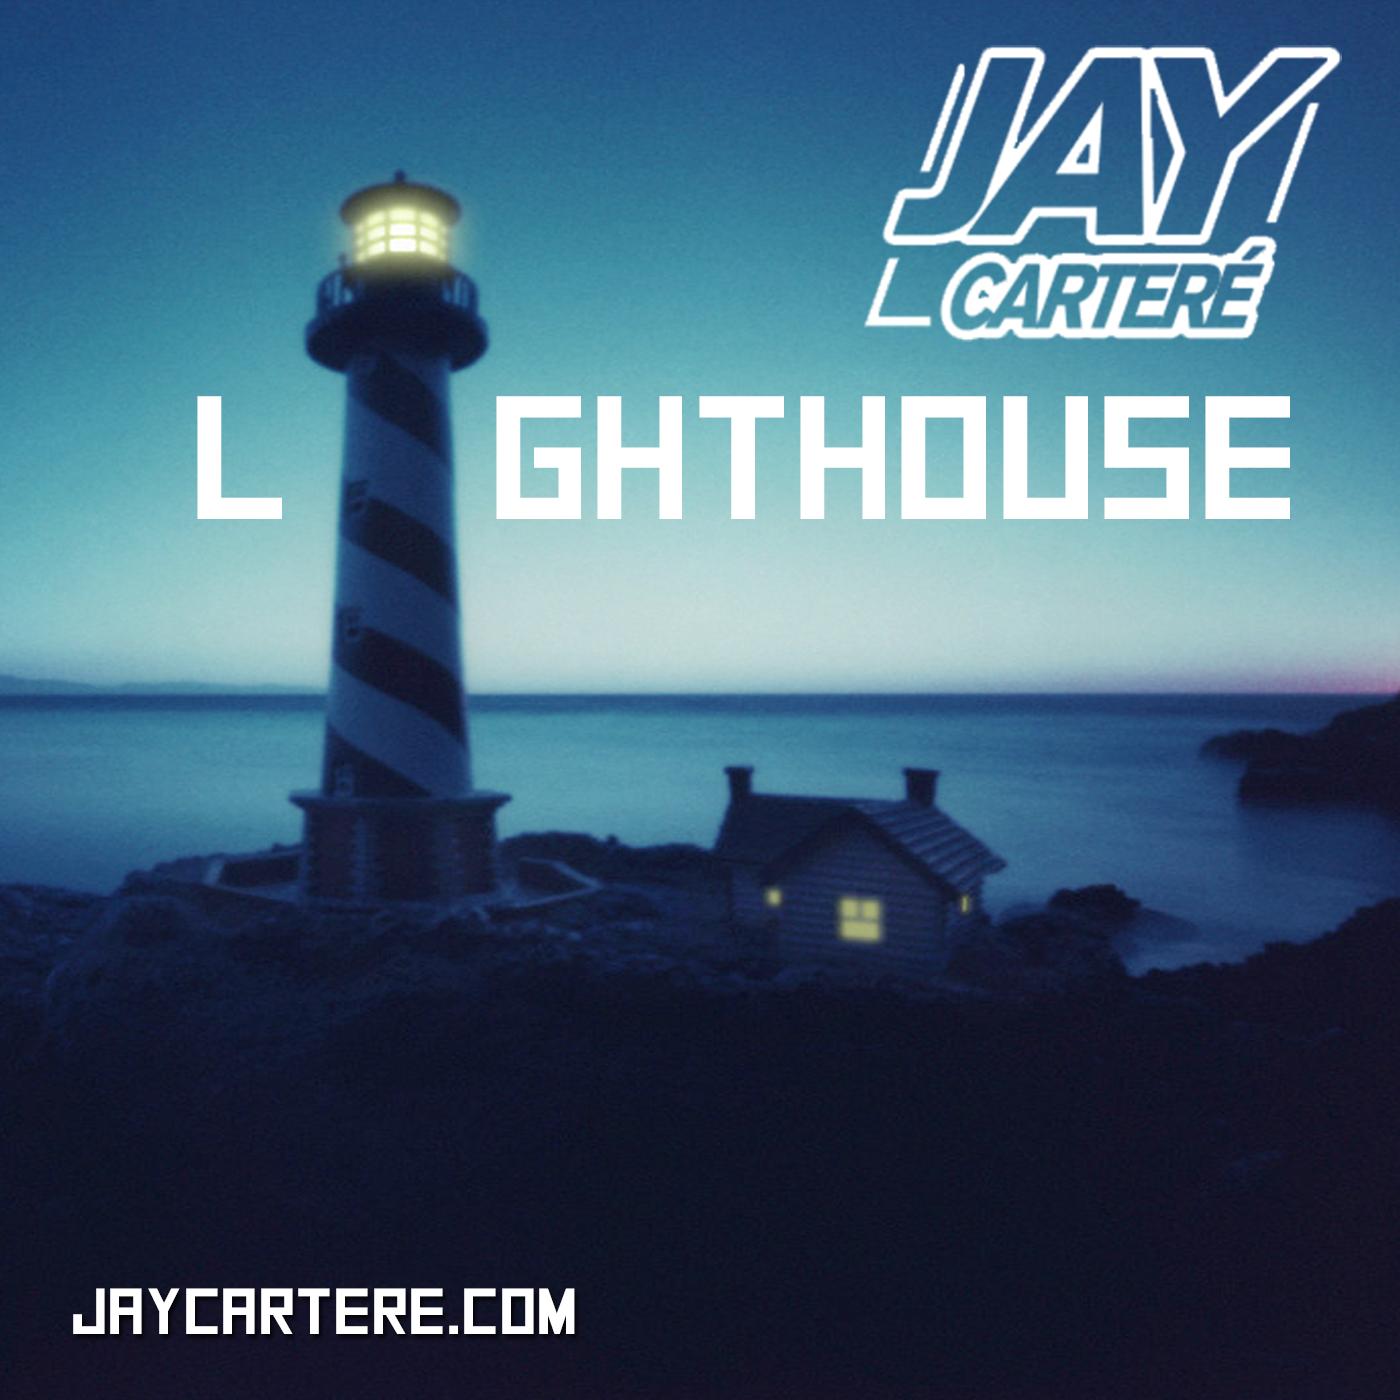 Jay Carteré - Lighthouse | Jay Cartere | Dance